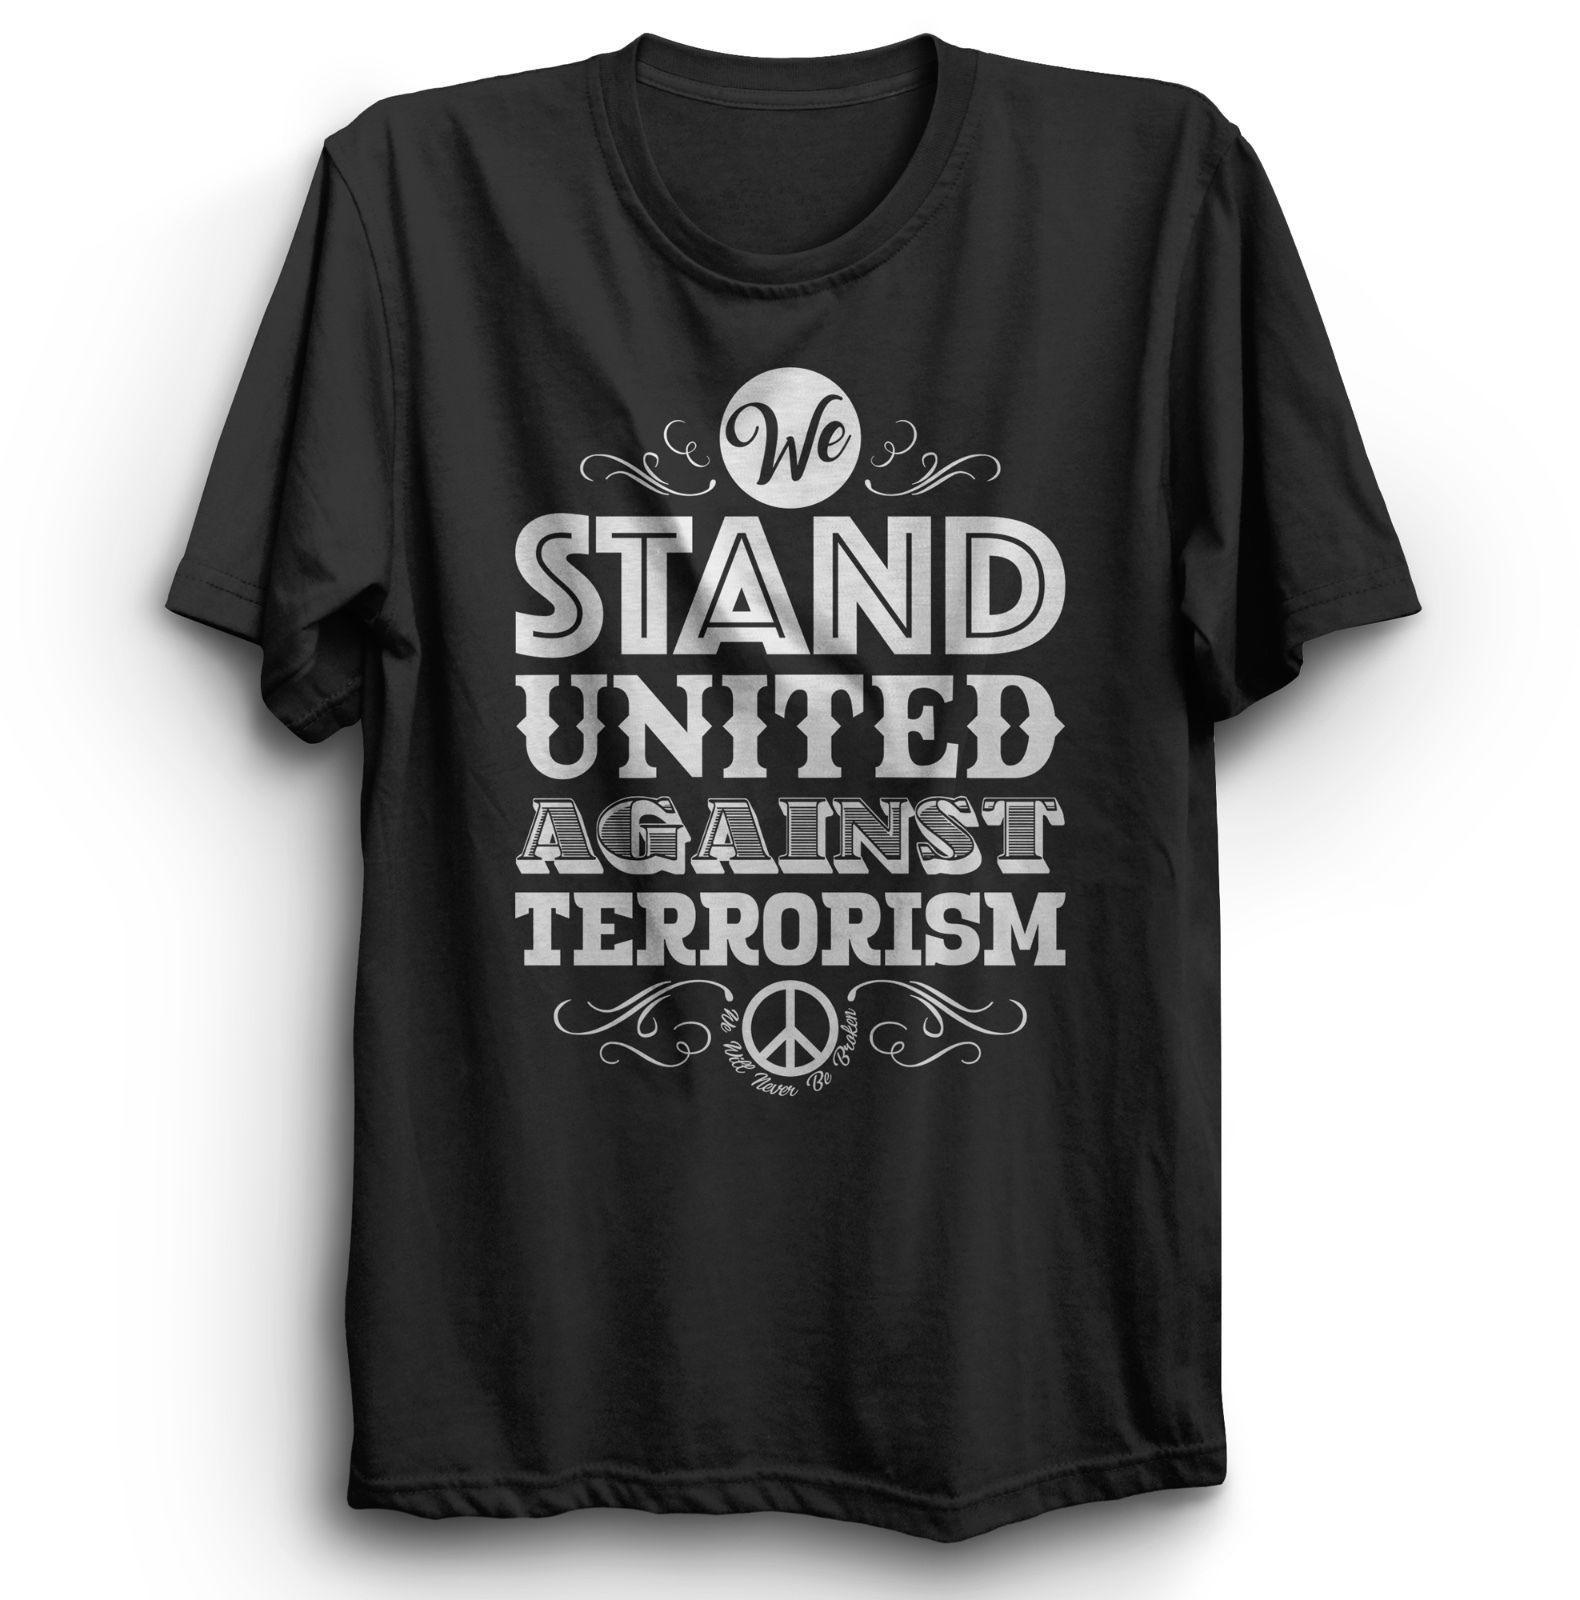 60a7579f8be61f NÓS ESTAMOS UNIDOS CONTRA TERRORISMO TERROR PROTEST T-SHIRT HOMENS SENHAS  CRIANÇAS TAMANHOS Top Tee Estilo Chinês